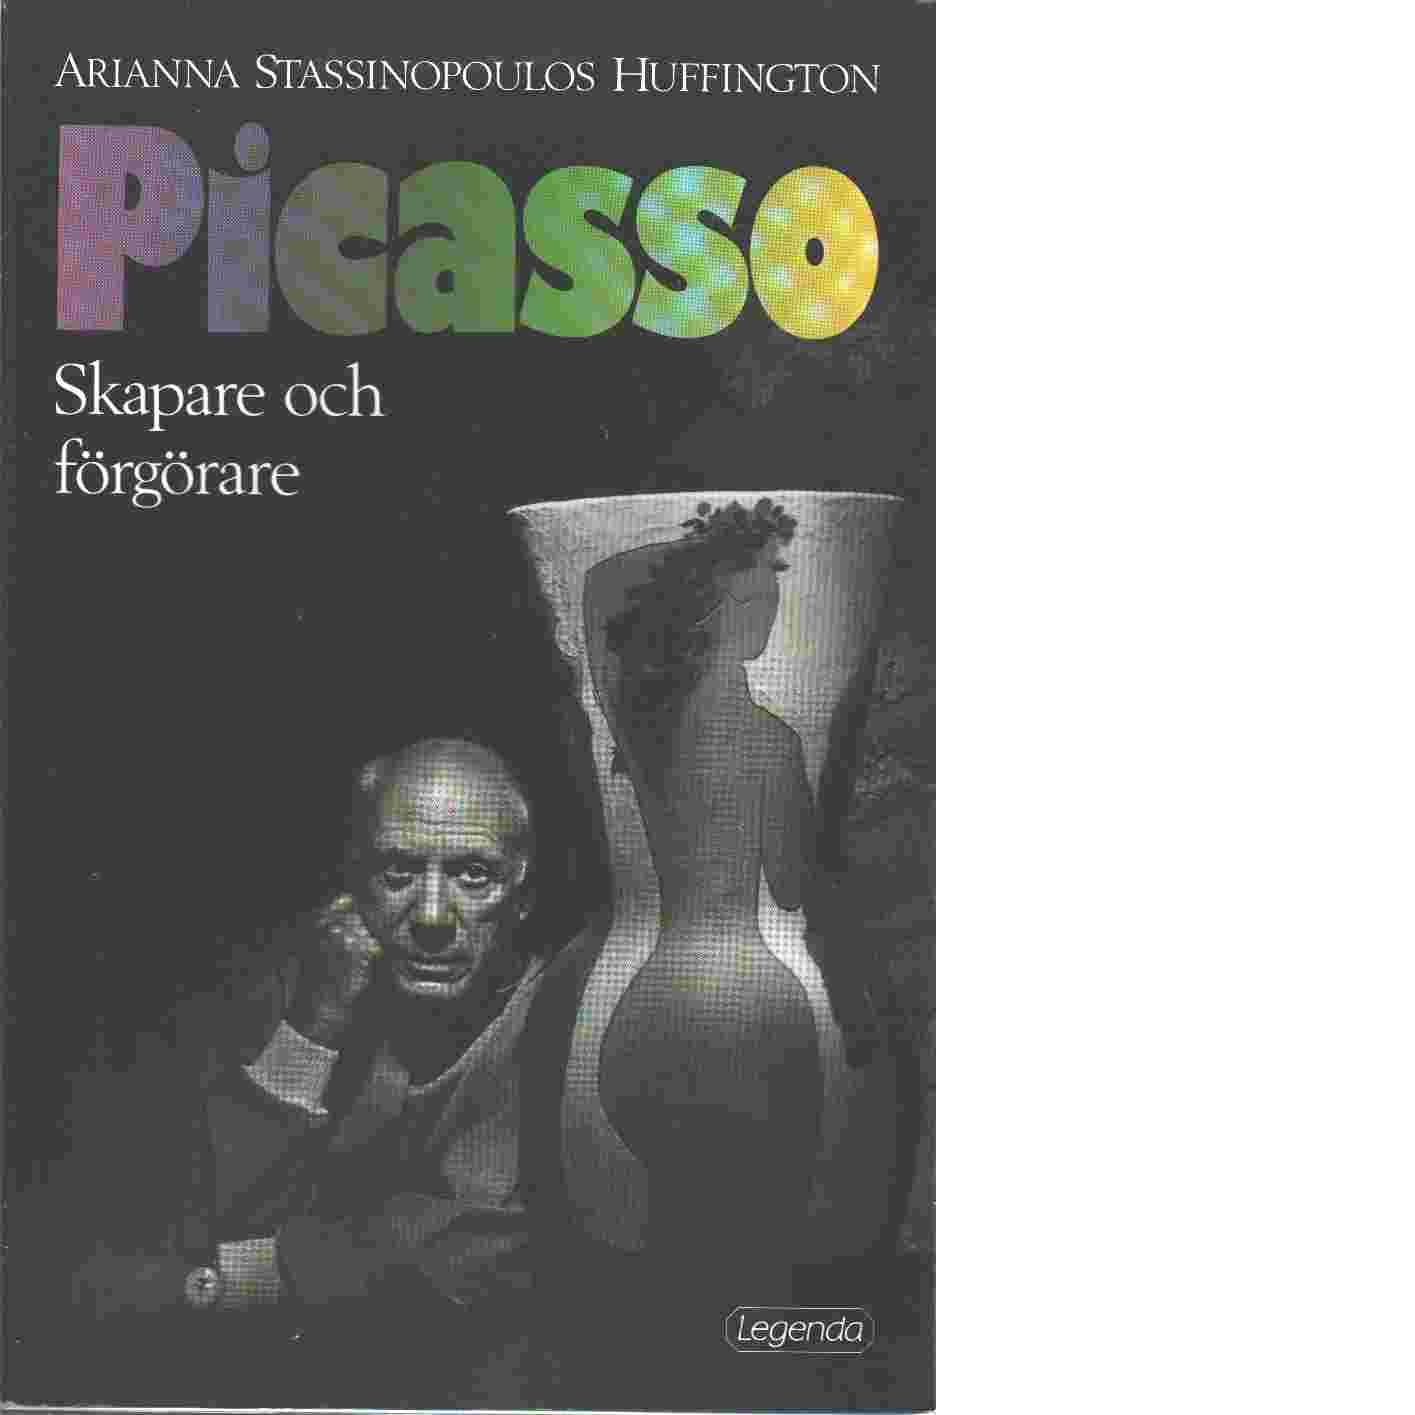 Picasso : skapare och förgörare - Stassinopoulos, Arianna